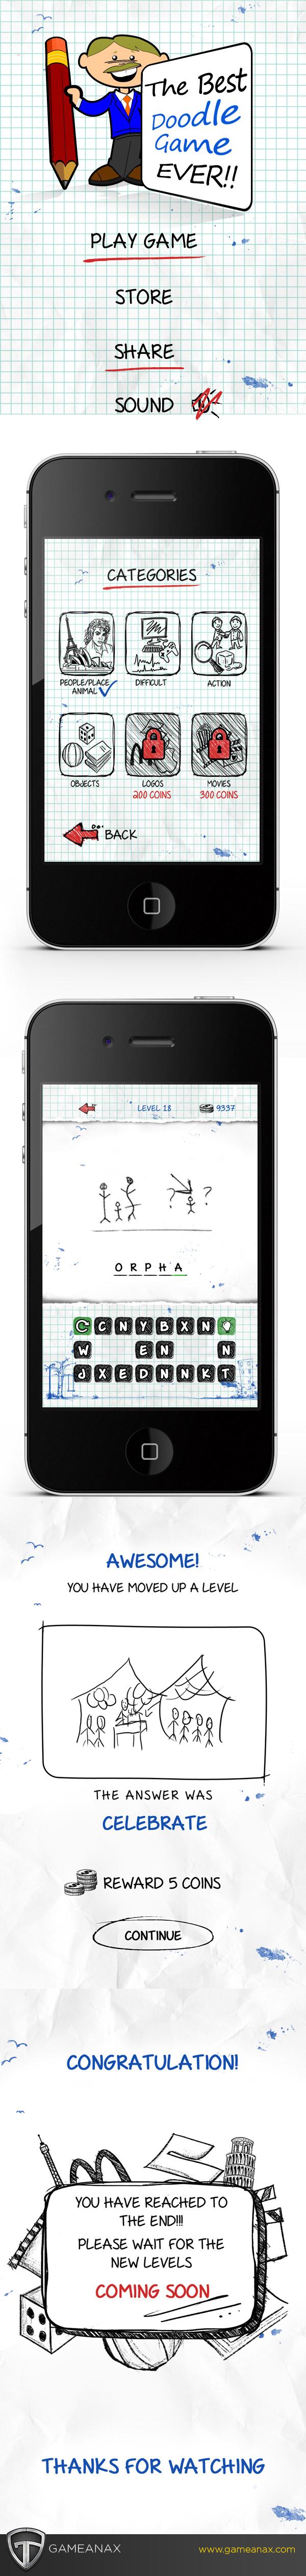 mobile gaming Gaming Games iphone iPad UI ux